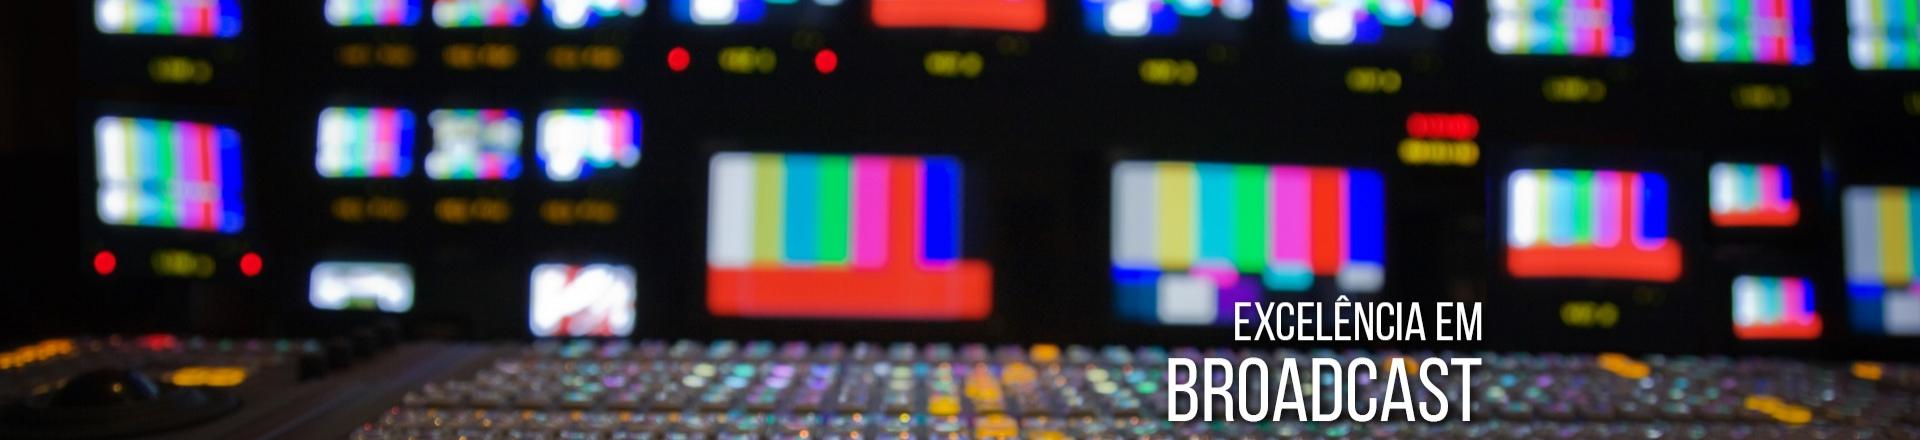 Avicom Engenharia - Broadcast